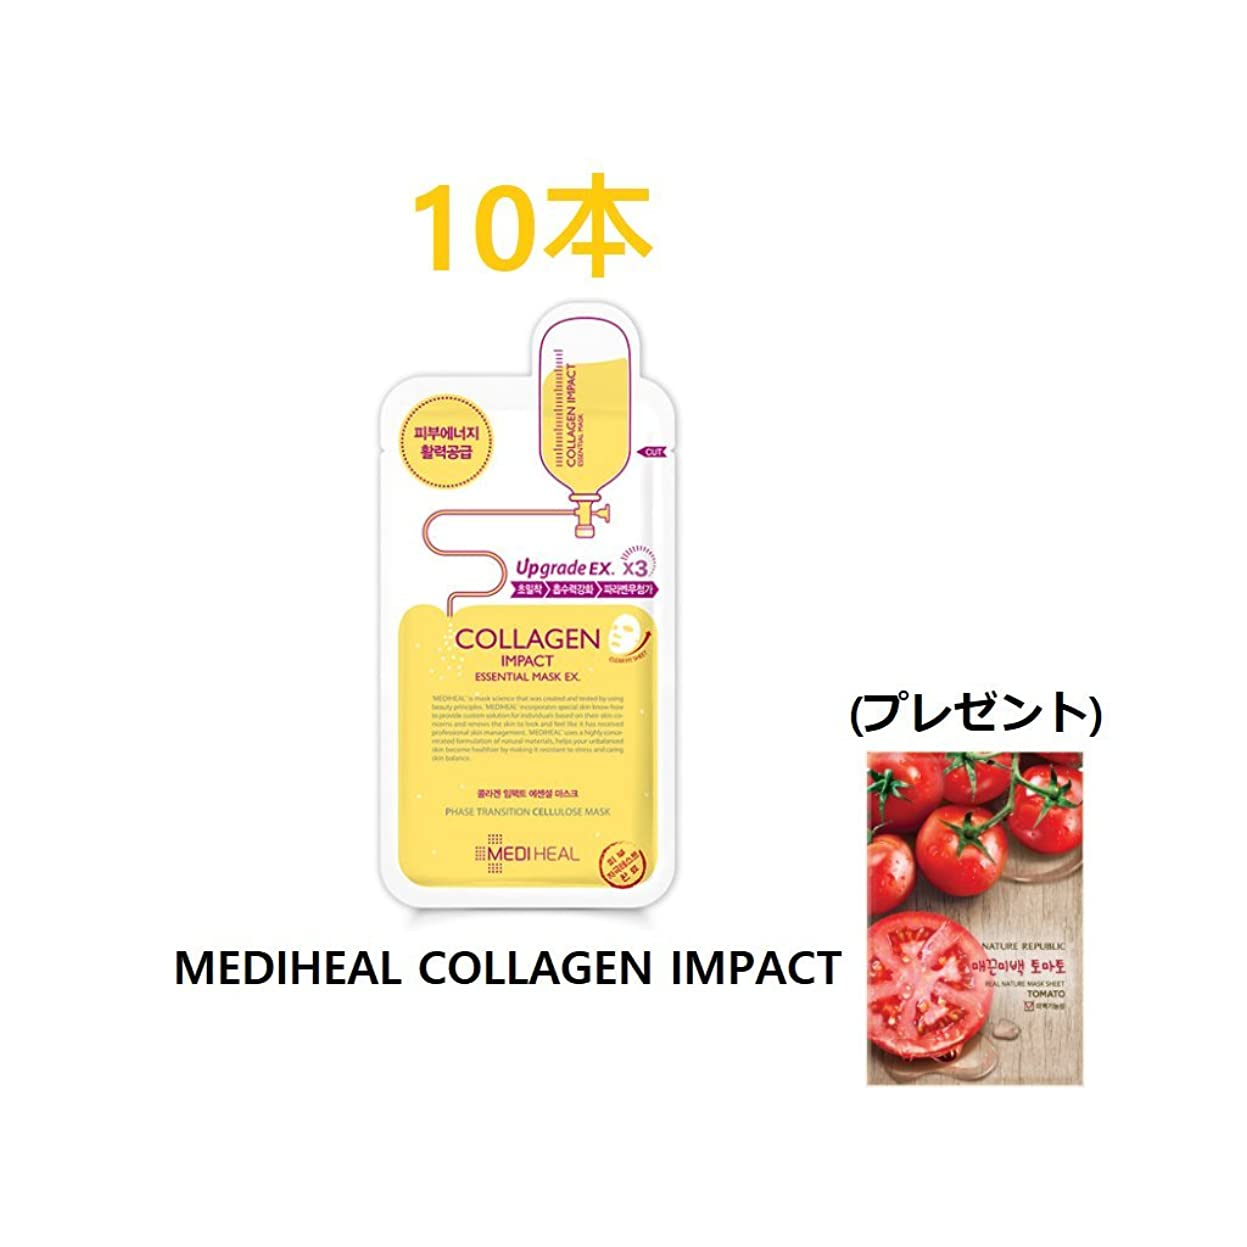 大破手数料リップ(プレゼント) Mediheal Collagen Impact REX (メディヒール) エッセンシャルマスクパック10枚セット/コラーゲンインパクト/ [並行輸入品]